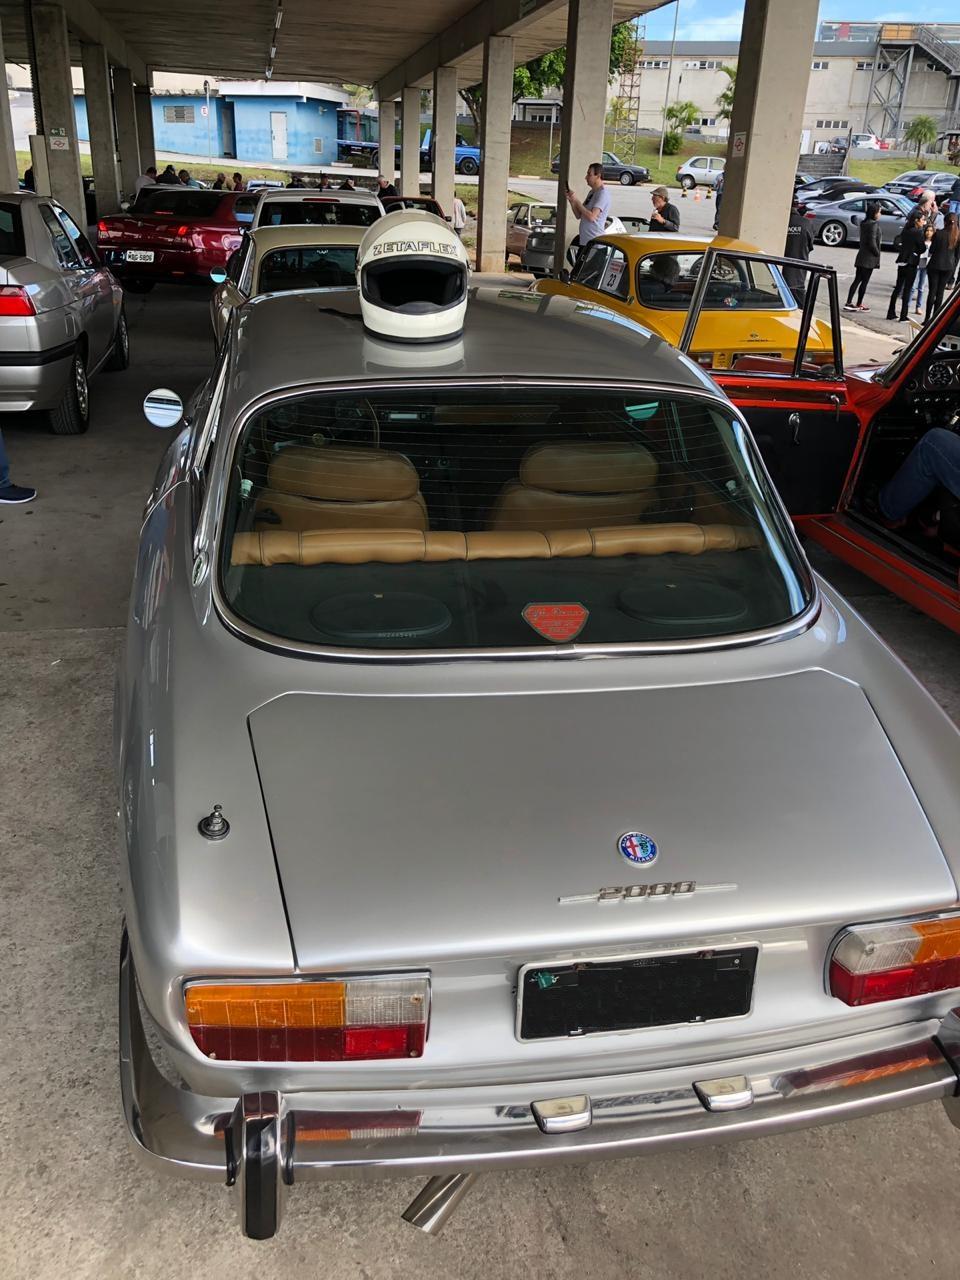 Alfa Romeo Giulia / GTV, tal mãe, tal filha Zyndic12